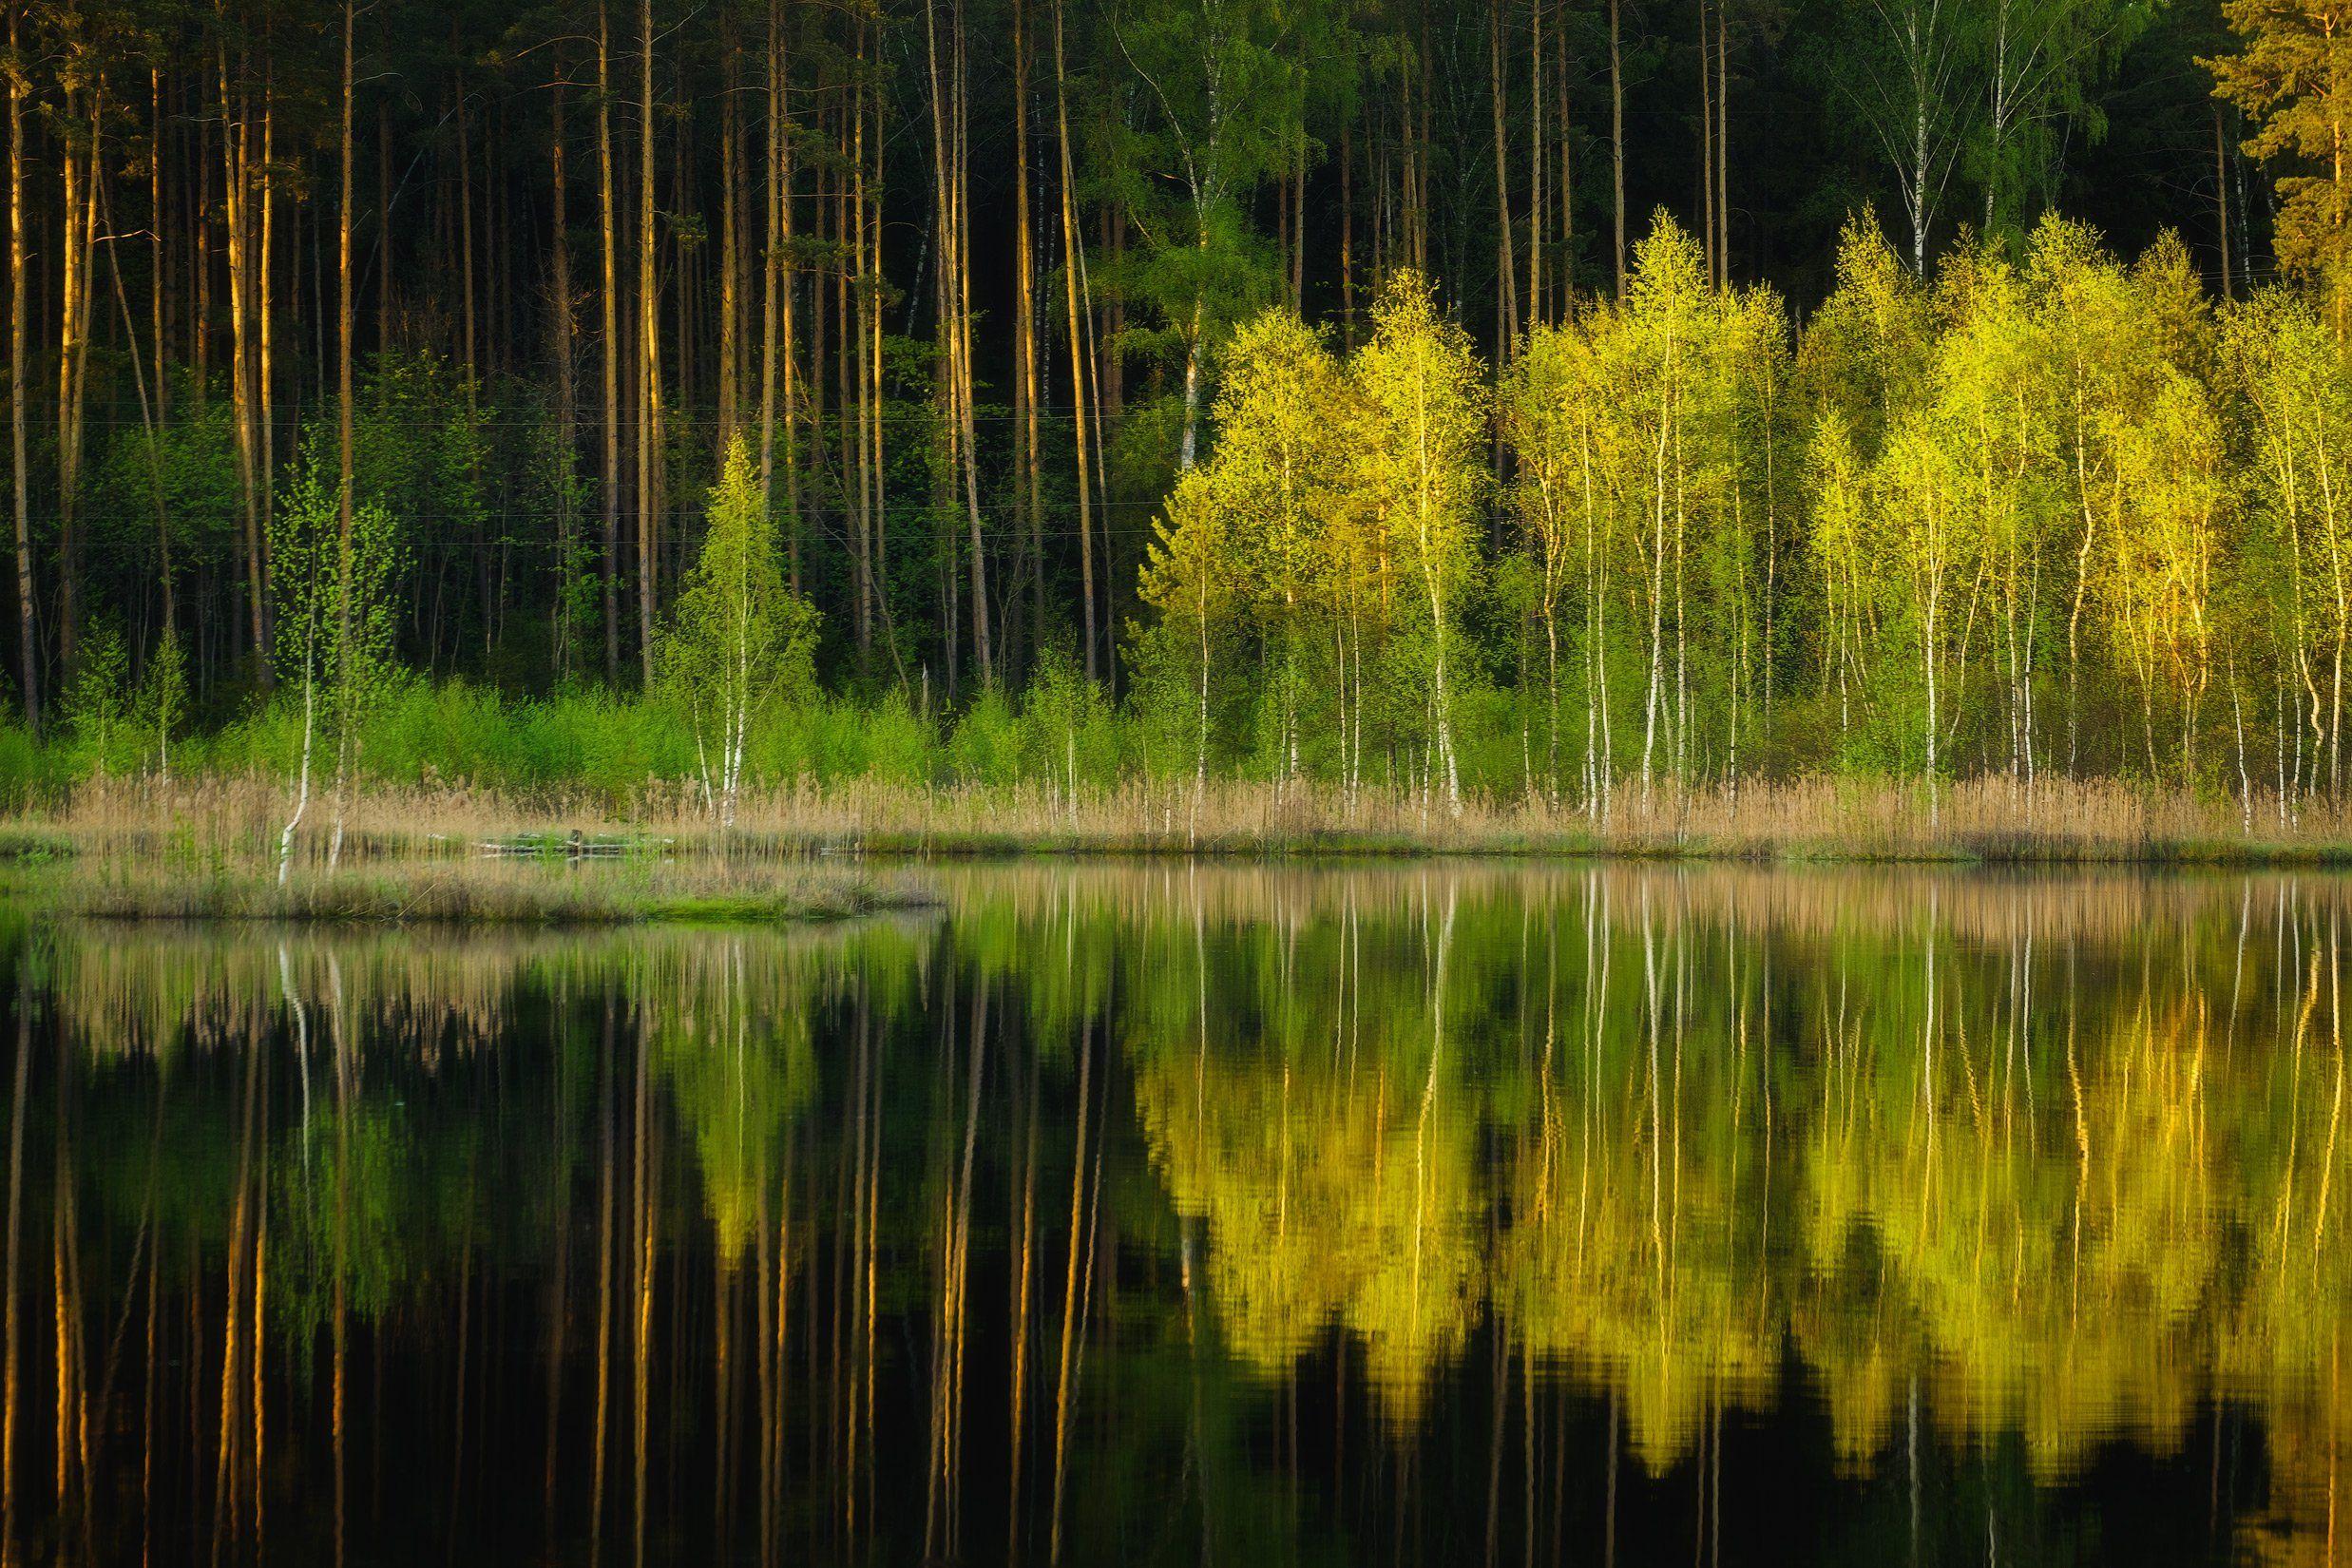 россия, московская область, щепкино болото, болото, закат, отражение, сумерки, лес, весна, пруд, пейзаж, природайзаж, природа, Оборотов Алексей